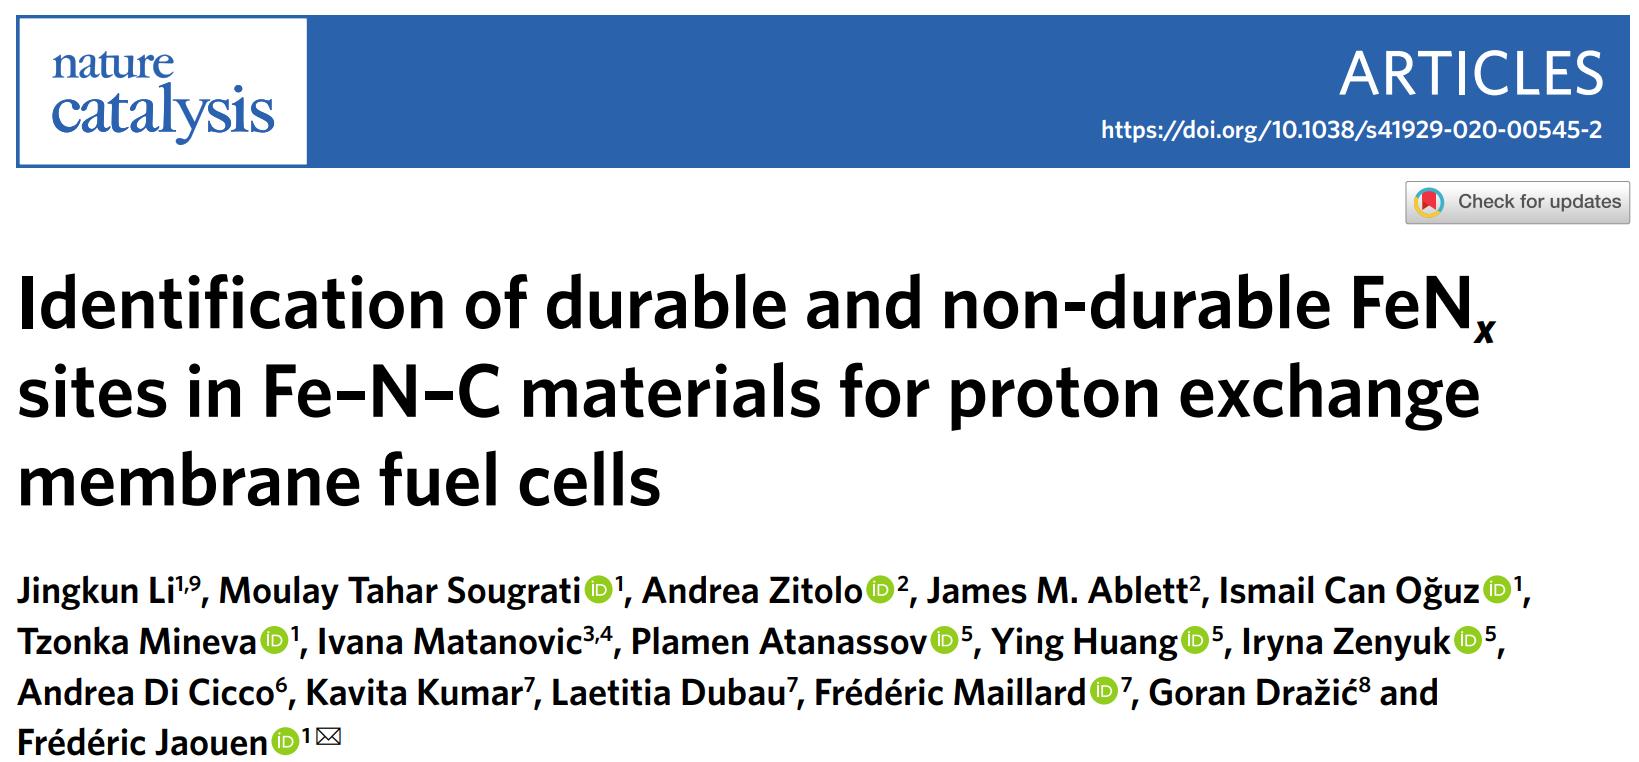 Nat. Catal.:Fe-N-C材料中耐久与非耐久FeNx位点的鉴定用于质子交换膜燃料电池